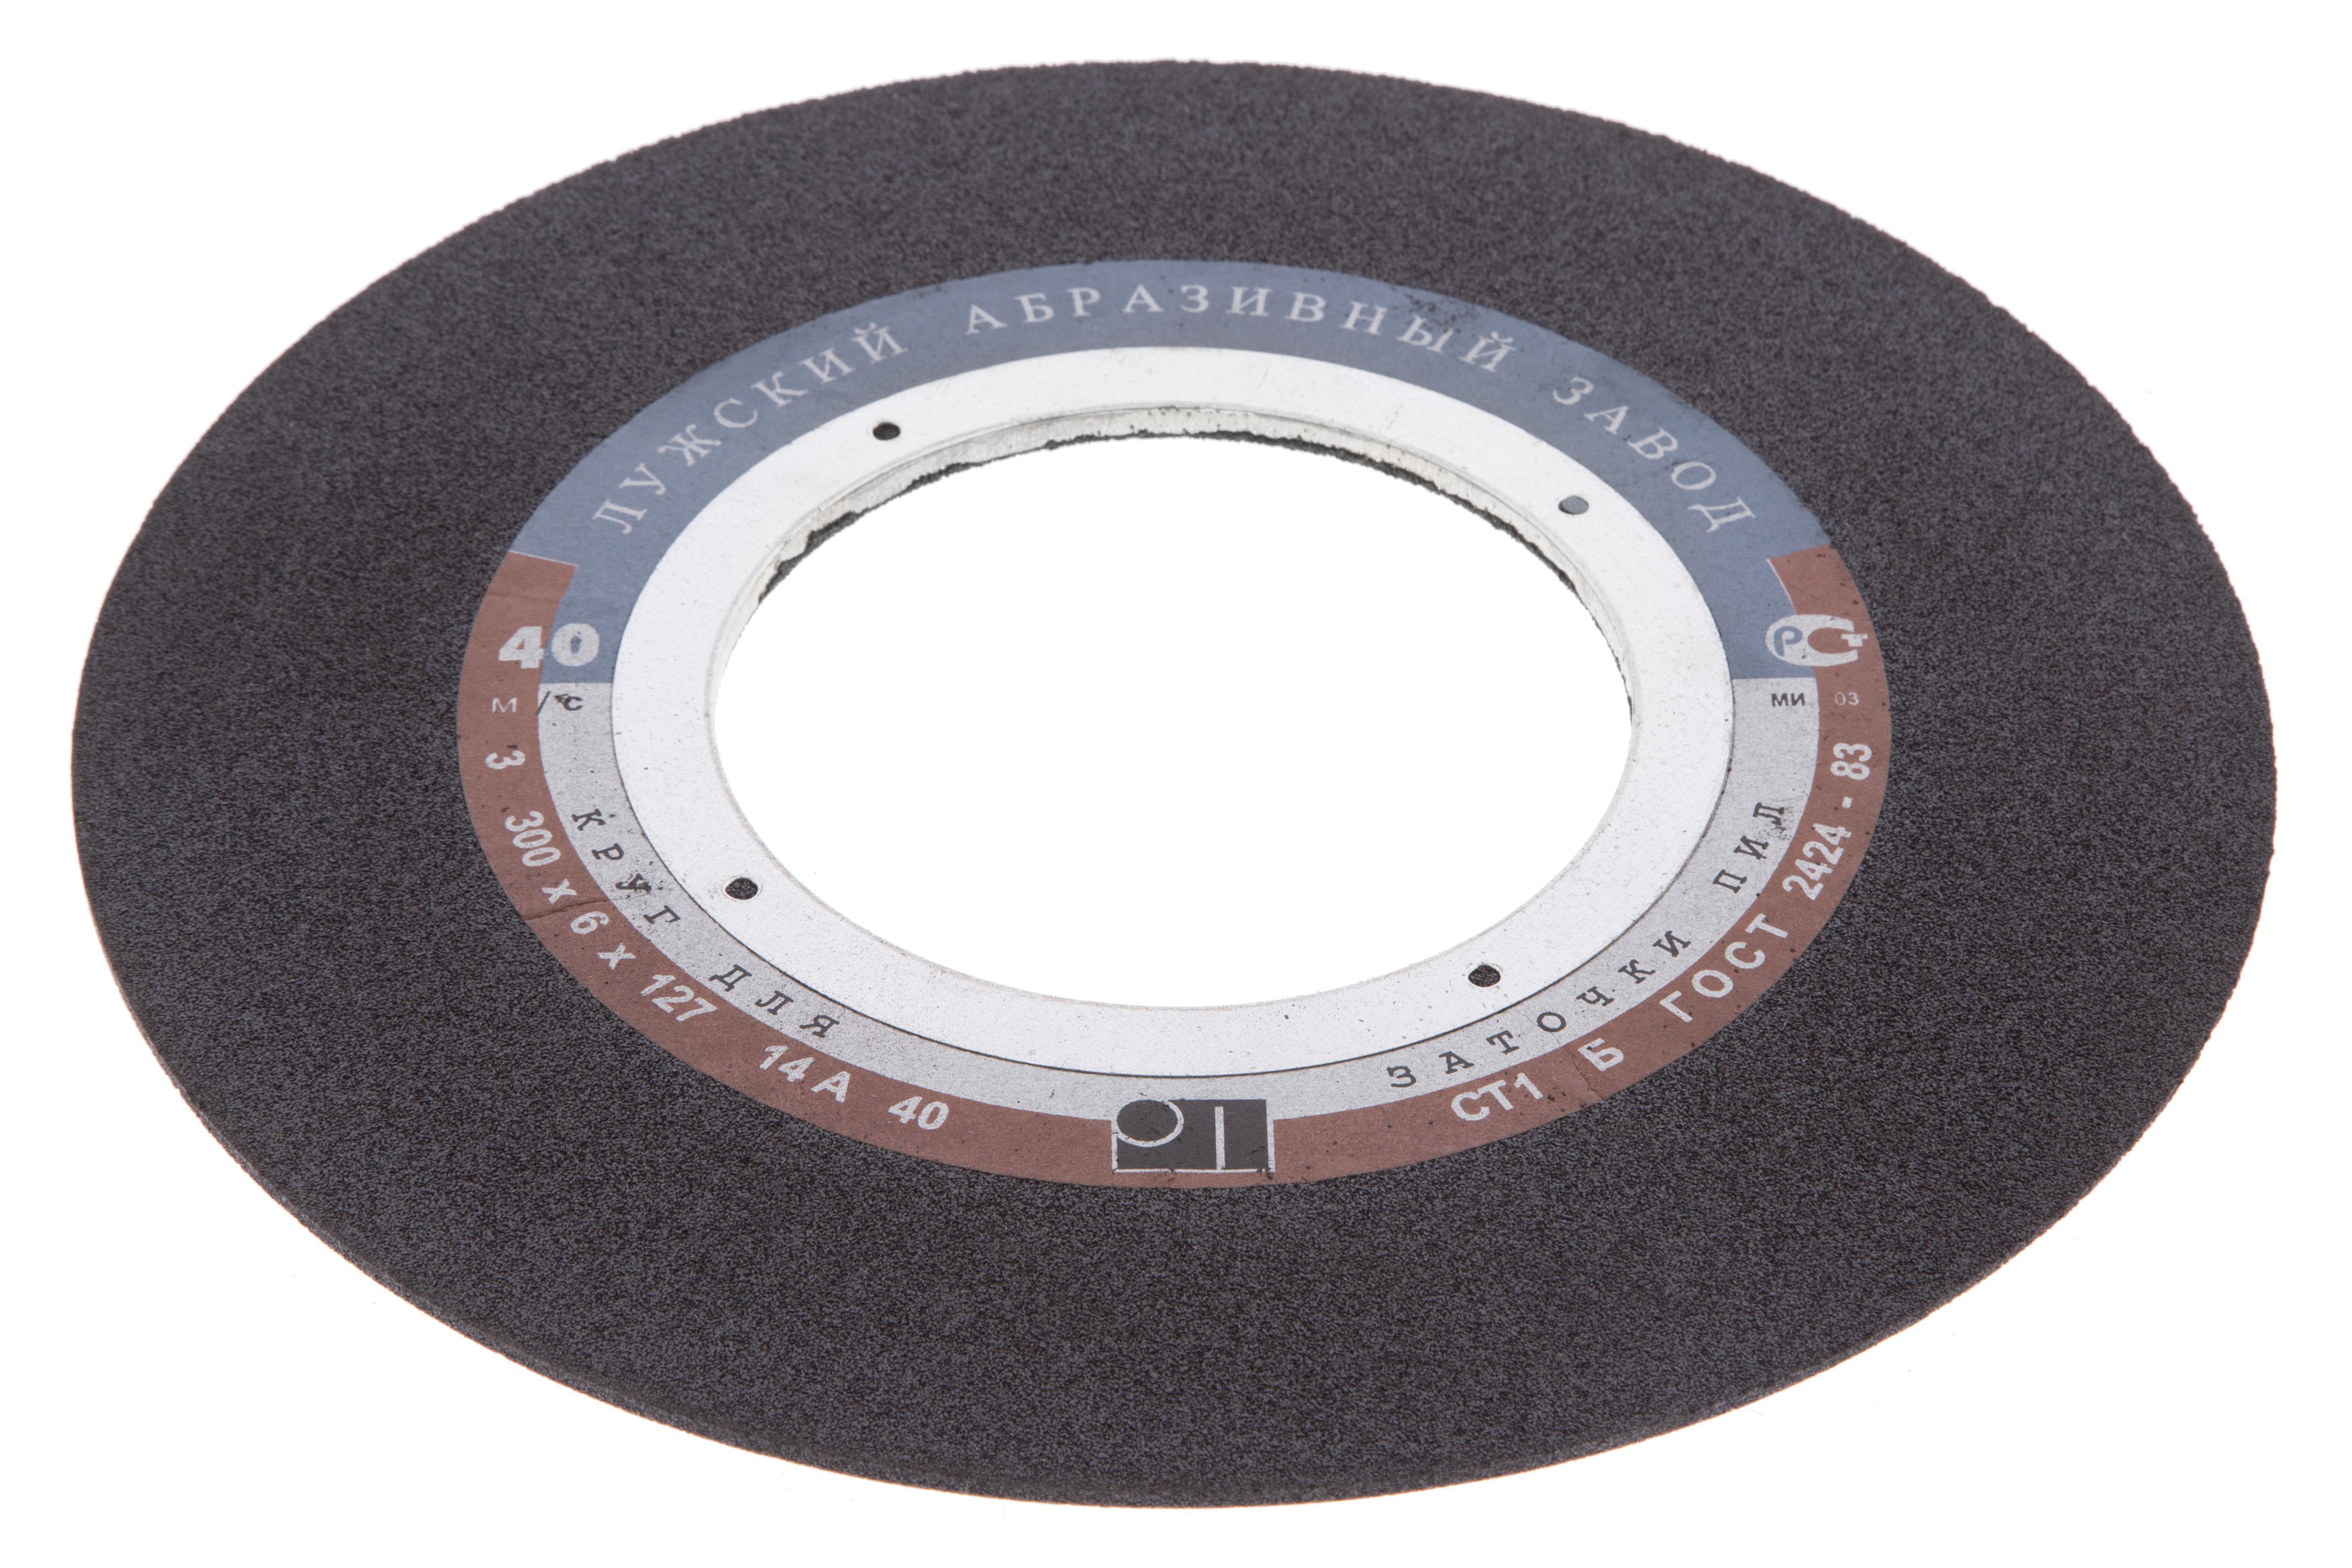 Круг шлифовальный ЛУГА-АБРАЗИВ 3 300 Х 6 Х 127 14А 40 o,p,q (40СТ) В круг шлифовальный луга абразив 3 300 х 10 х 32 14а в